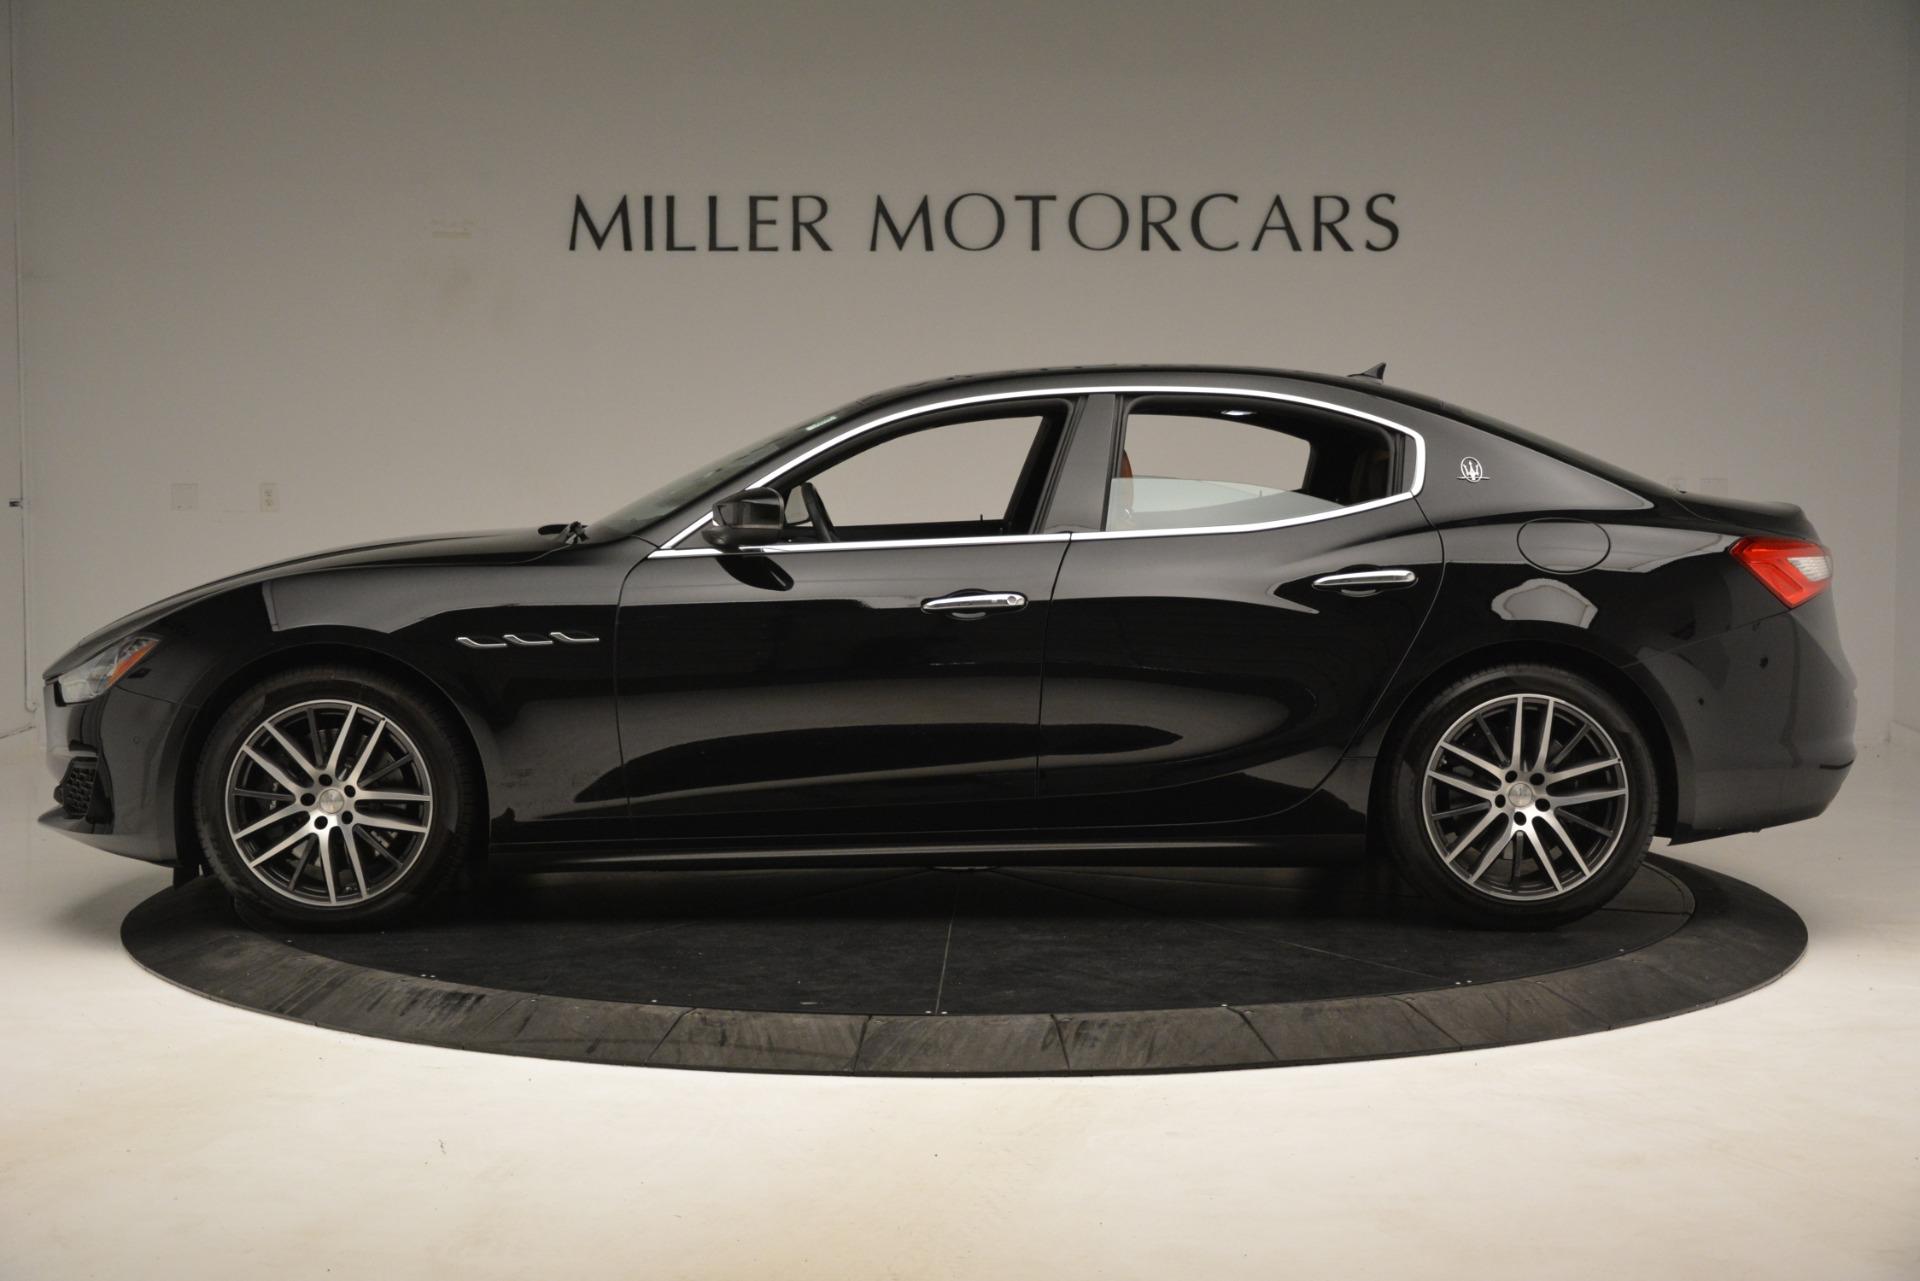 New 2019 Maserati Ghibli S Q4 For Sale In Greenwich, CT 2792_p3